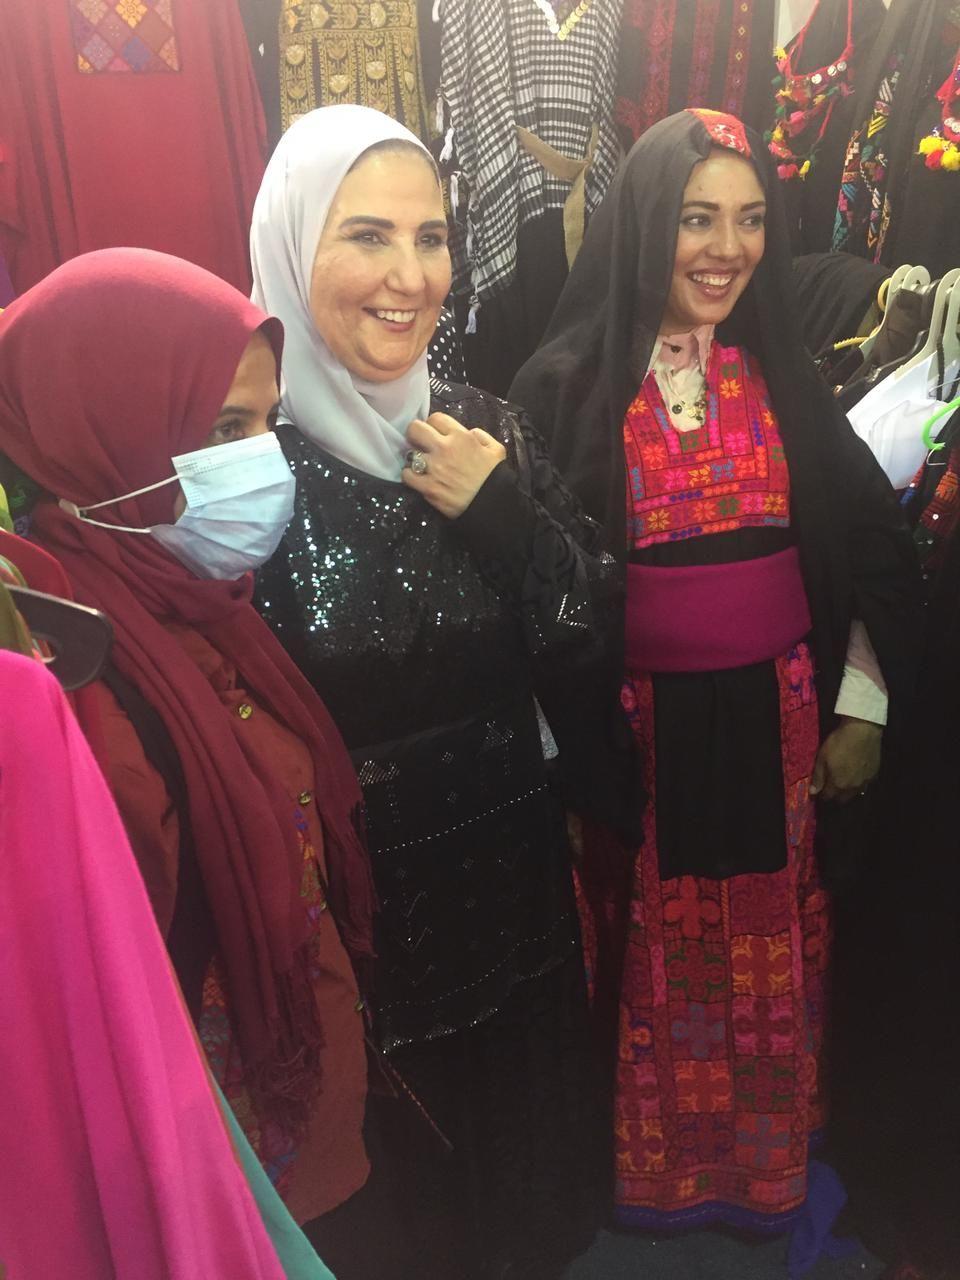 وزيرة التضامن مع الفتيات المشاركة بالمعرض